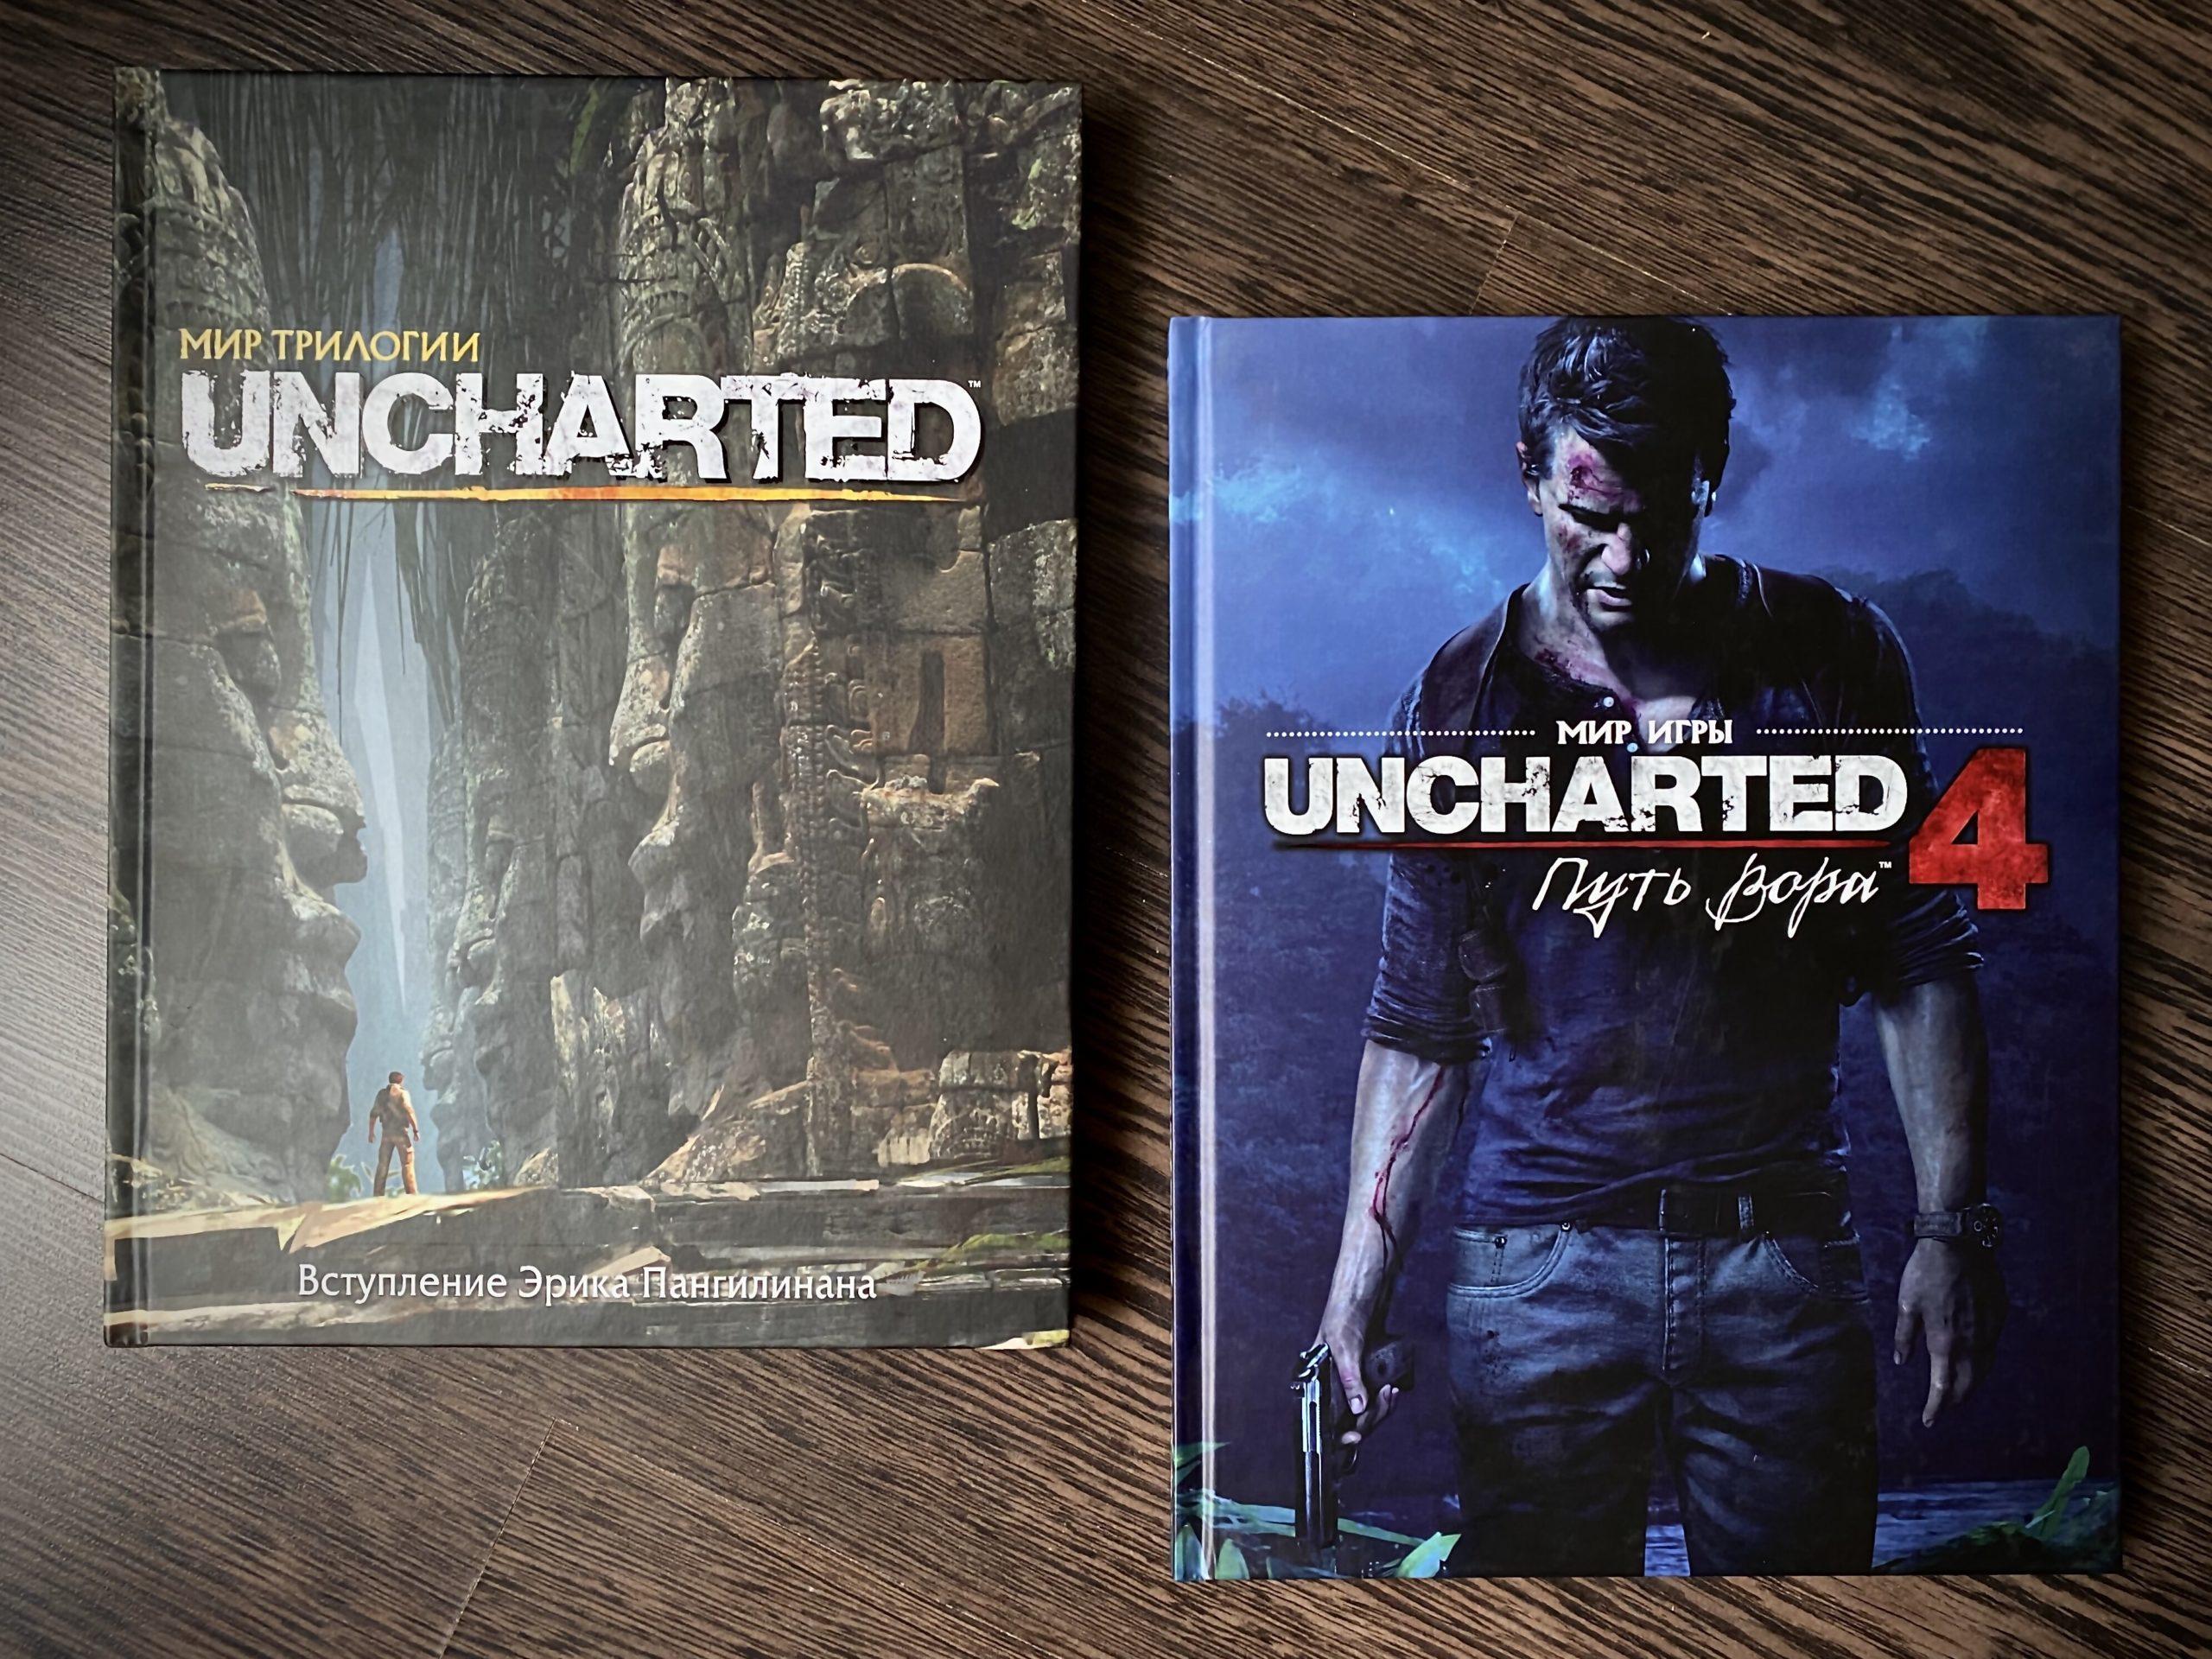 Обзор двух артбуков по Uncharted - Высокохудожественное приключение по серии игр 29